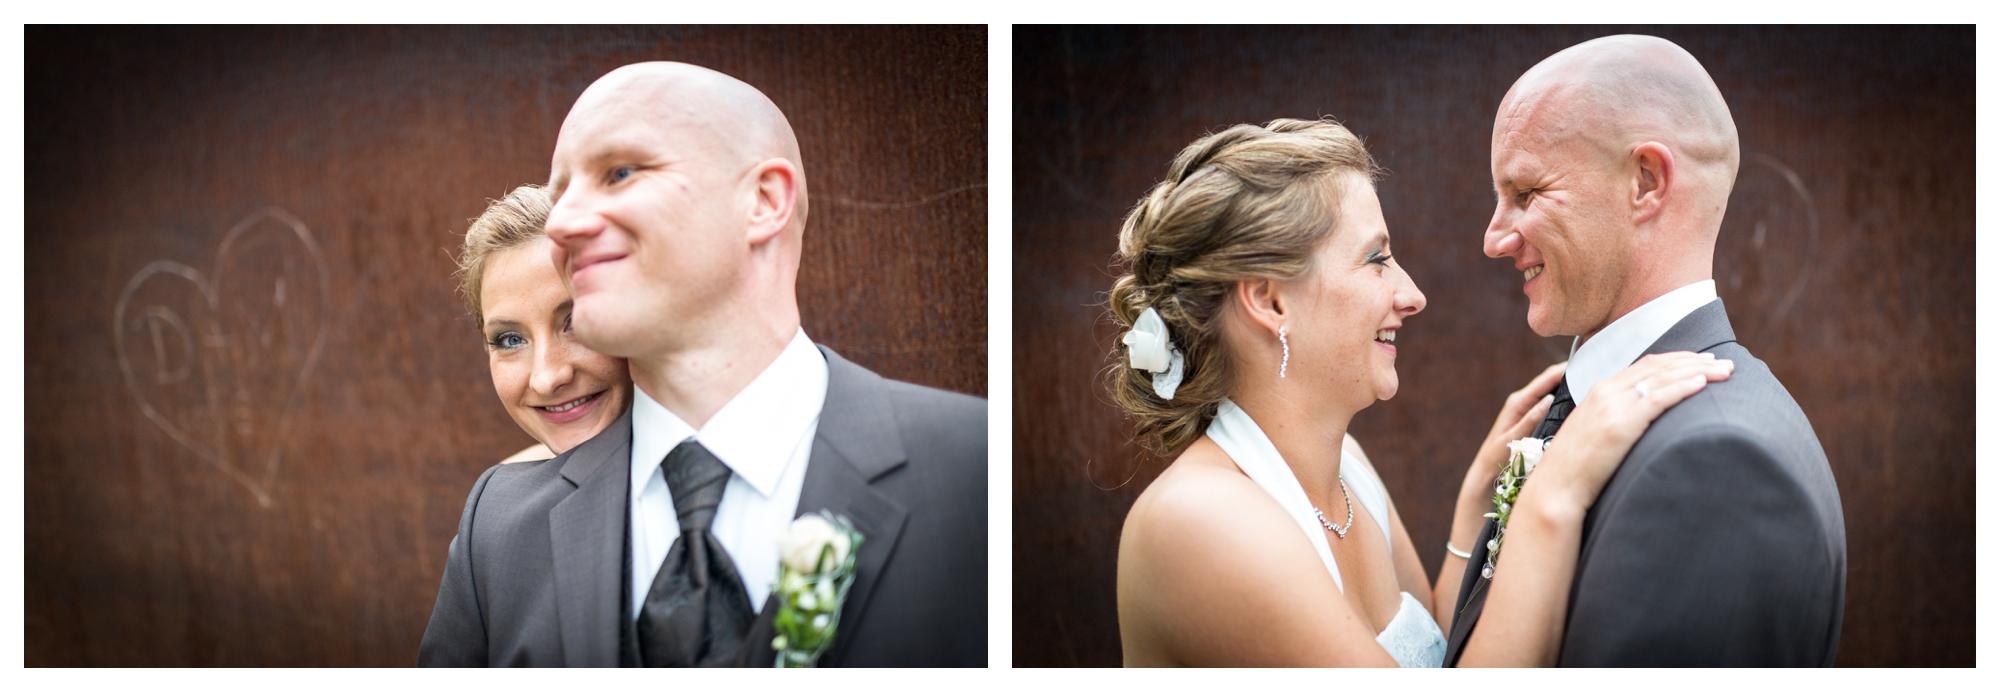 Fotograf Konstanz - 2013 12 09 0023 - Als Hochzeitsfotograf in Bad Dürrheim unterwegs  - 43 -